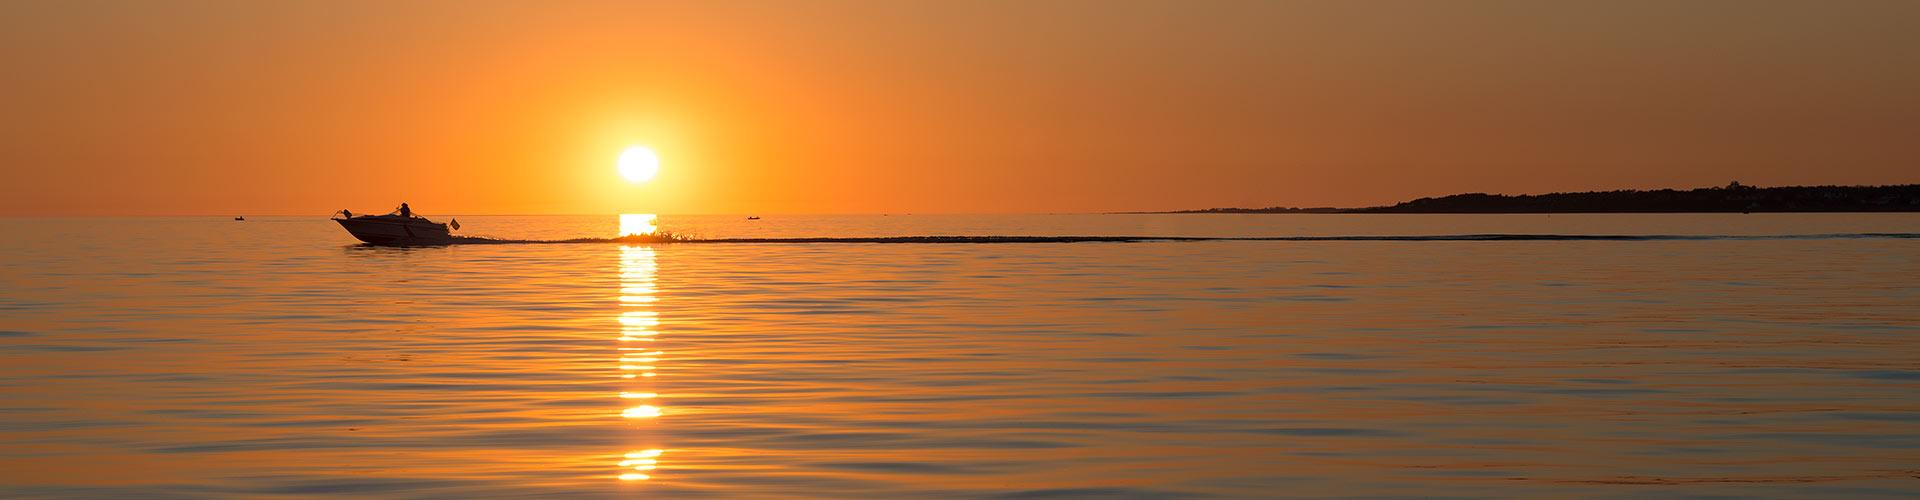 Solnedgång i Skälderviken